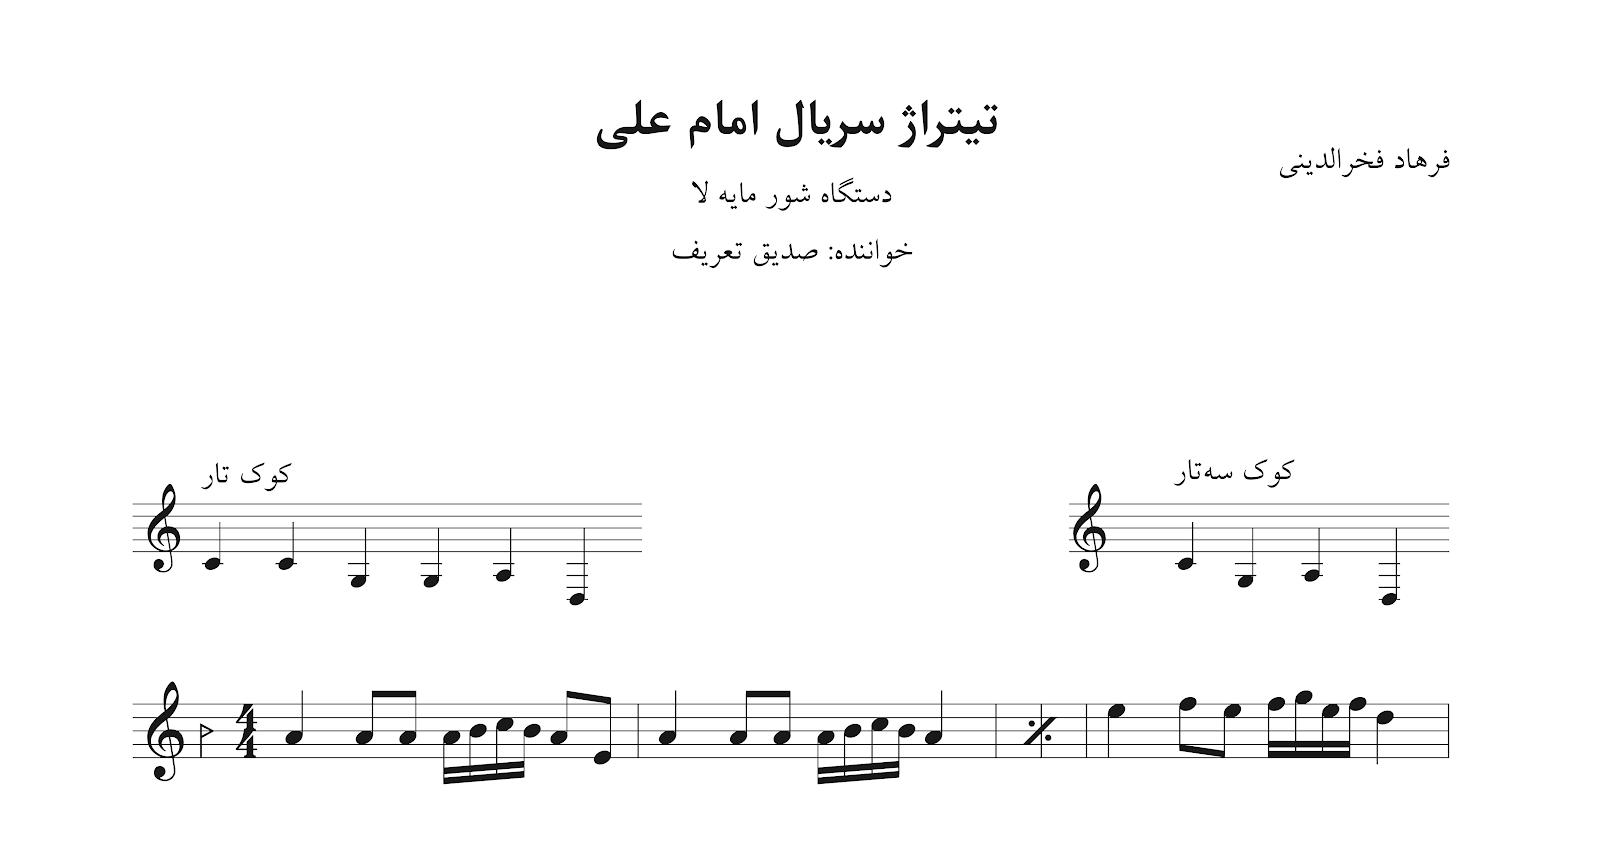 نت آهنگ تیتراژ سریال امام علی فرهاد فخرالدینی